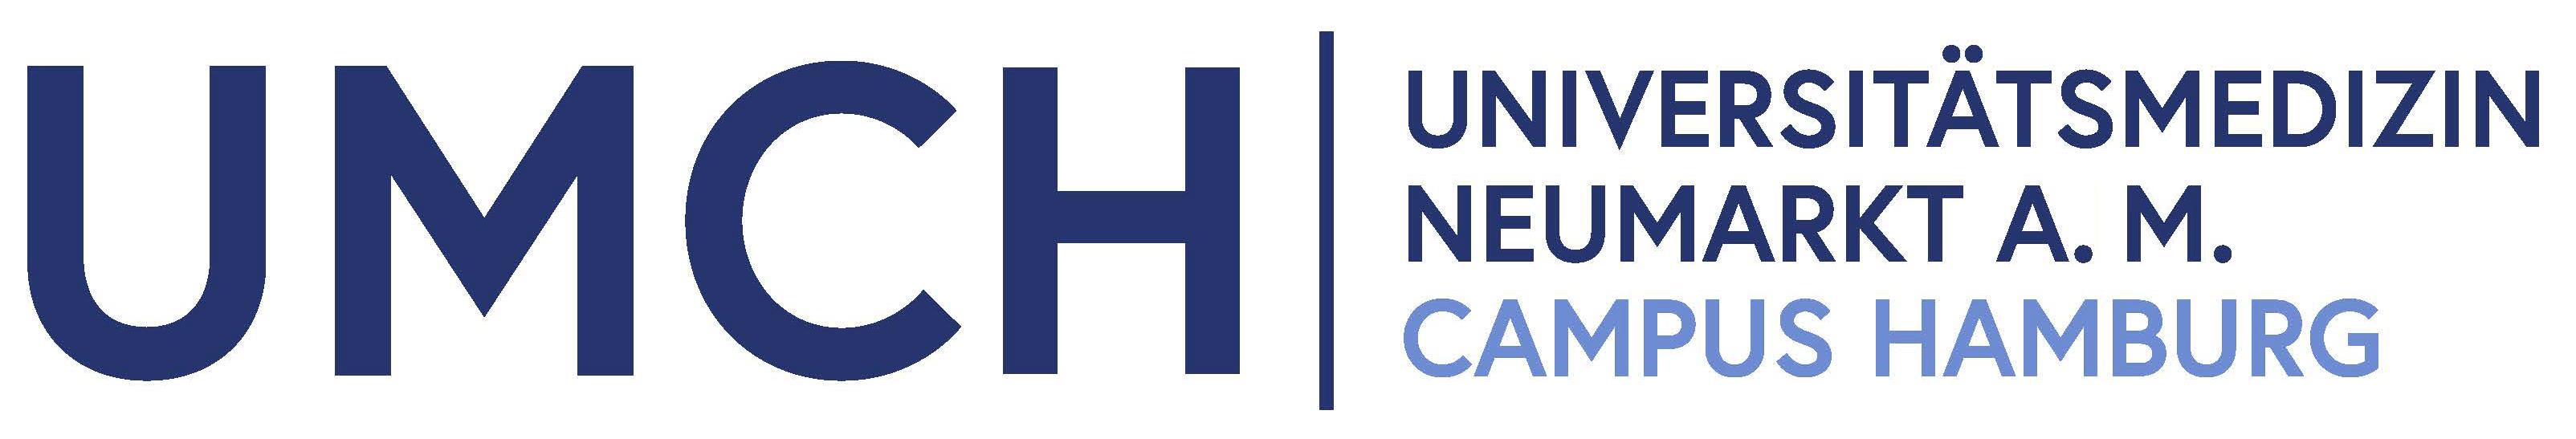 Universitätsmedizin Neumarkt a. M. Campus Hamburg (UMCH)